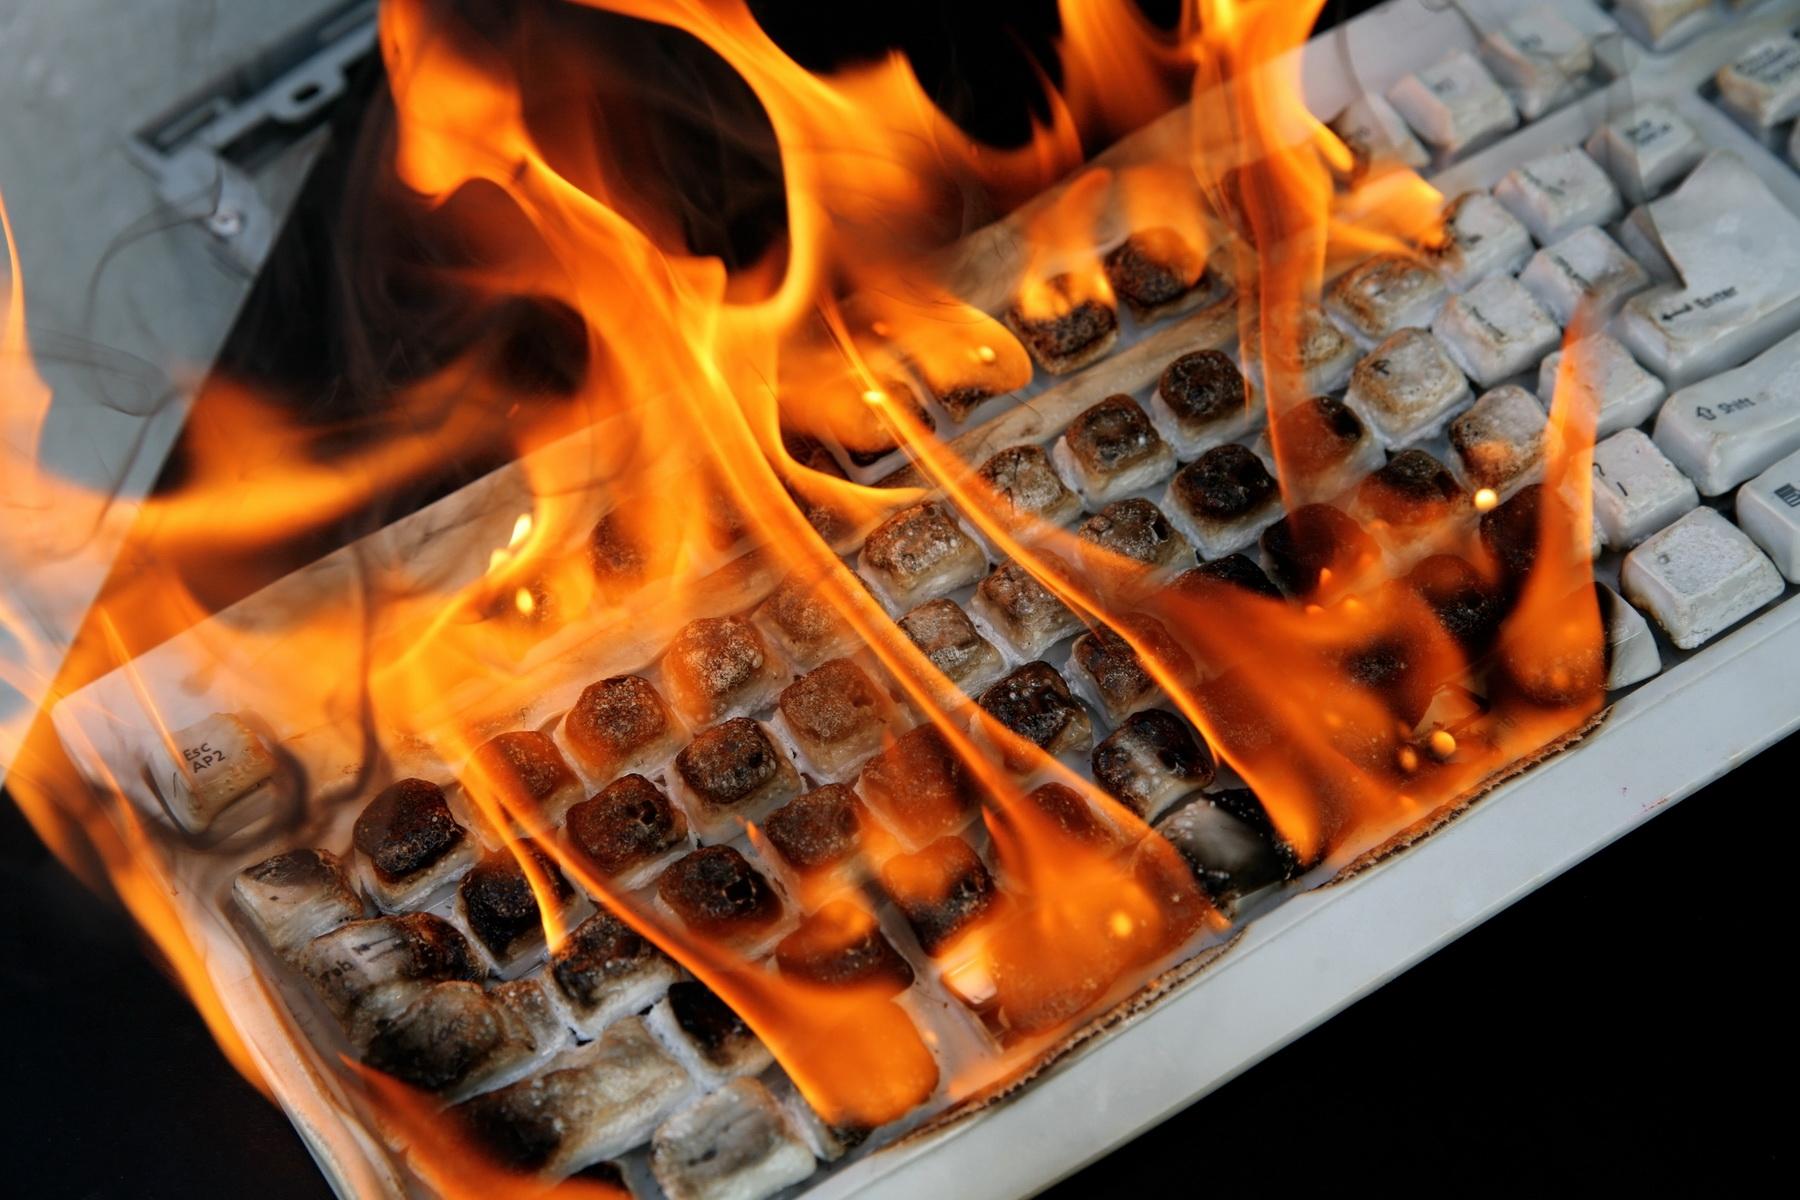 Обнаружены новые версии BrickerBot, и количество атак на IoT-устройства продолжает расти